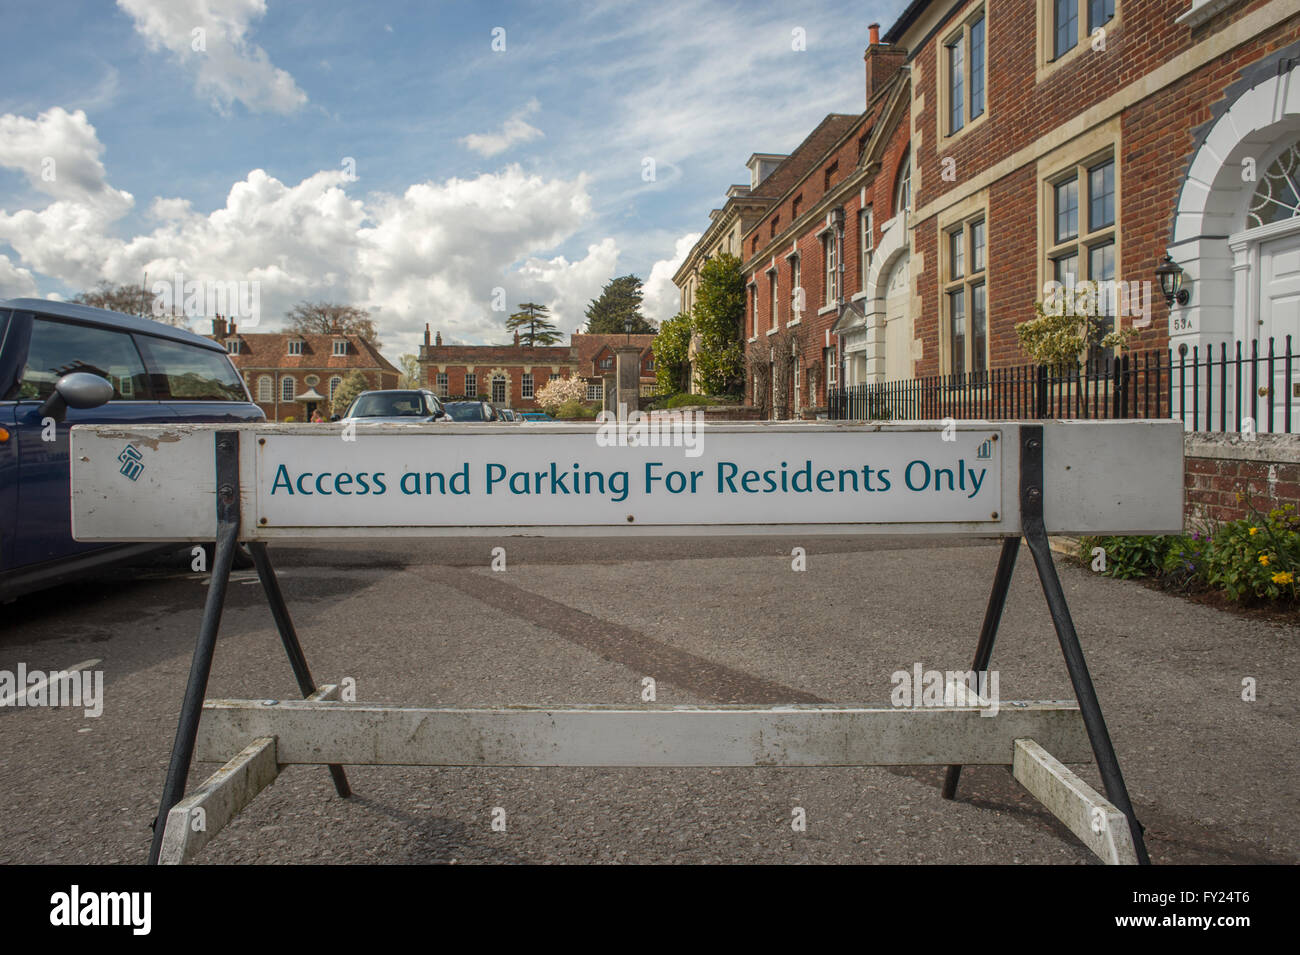 Barrière routière, avec accès et parking pour les résidents seulement, Salisbury, Wilthsire. Photo Stock